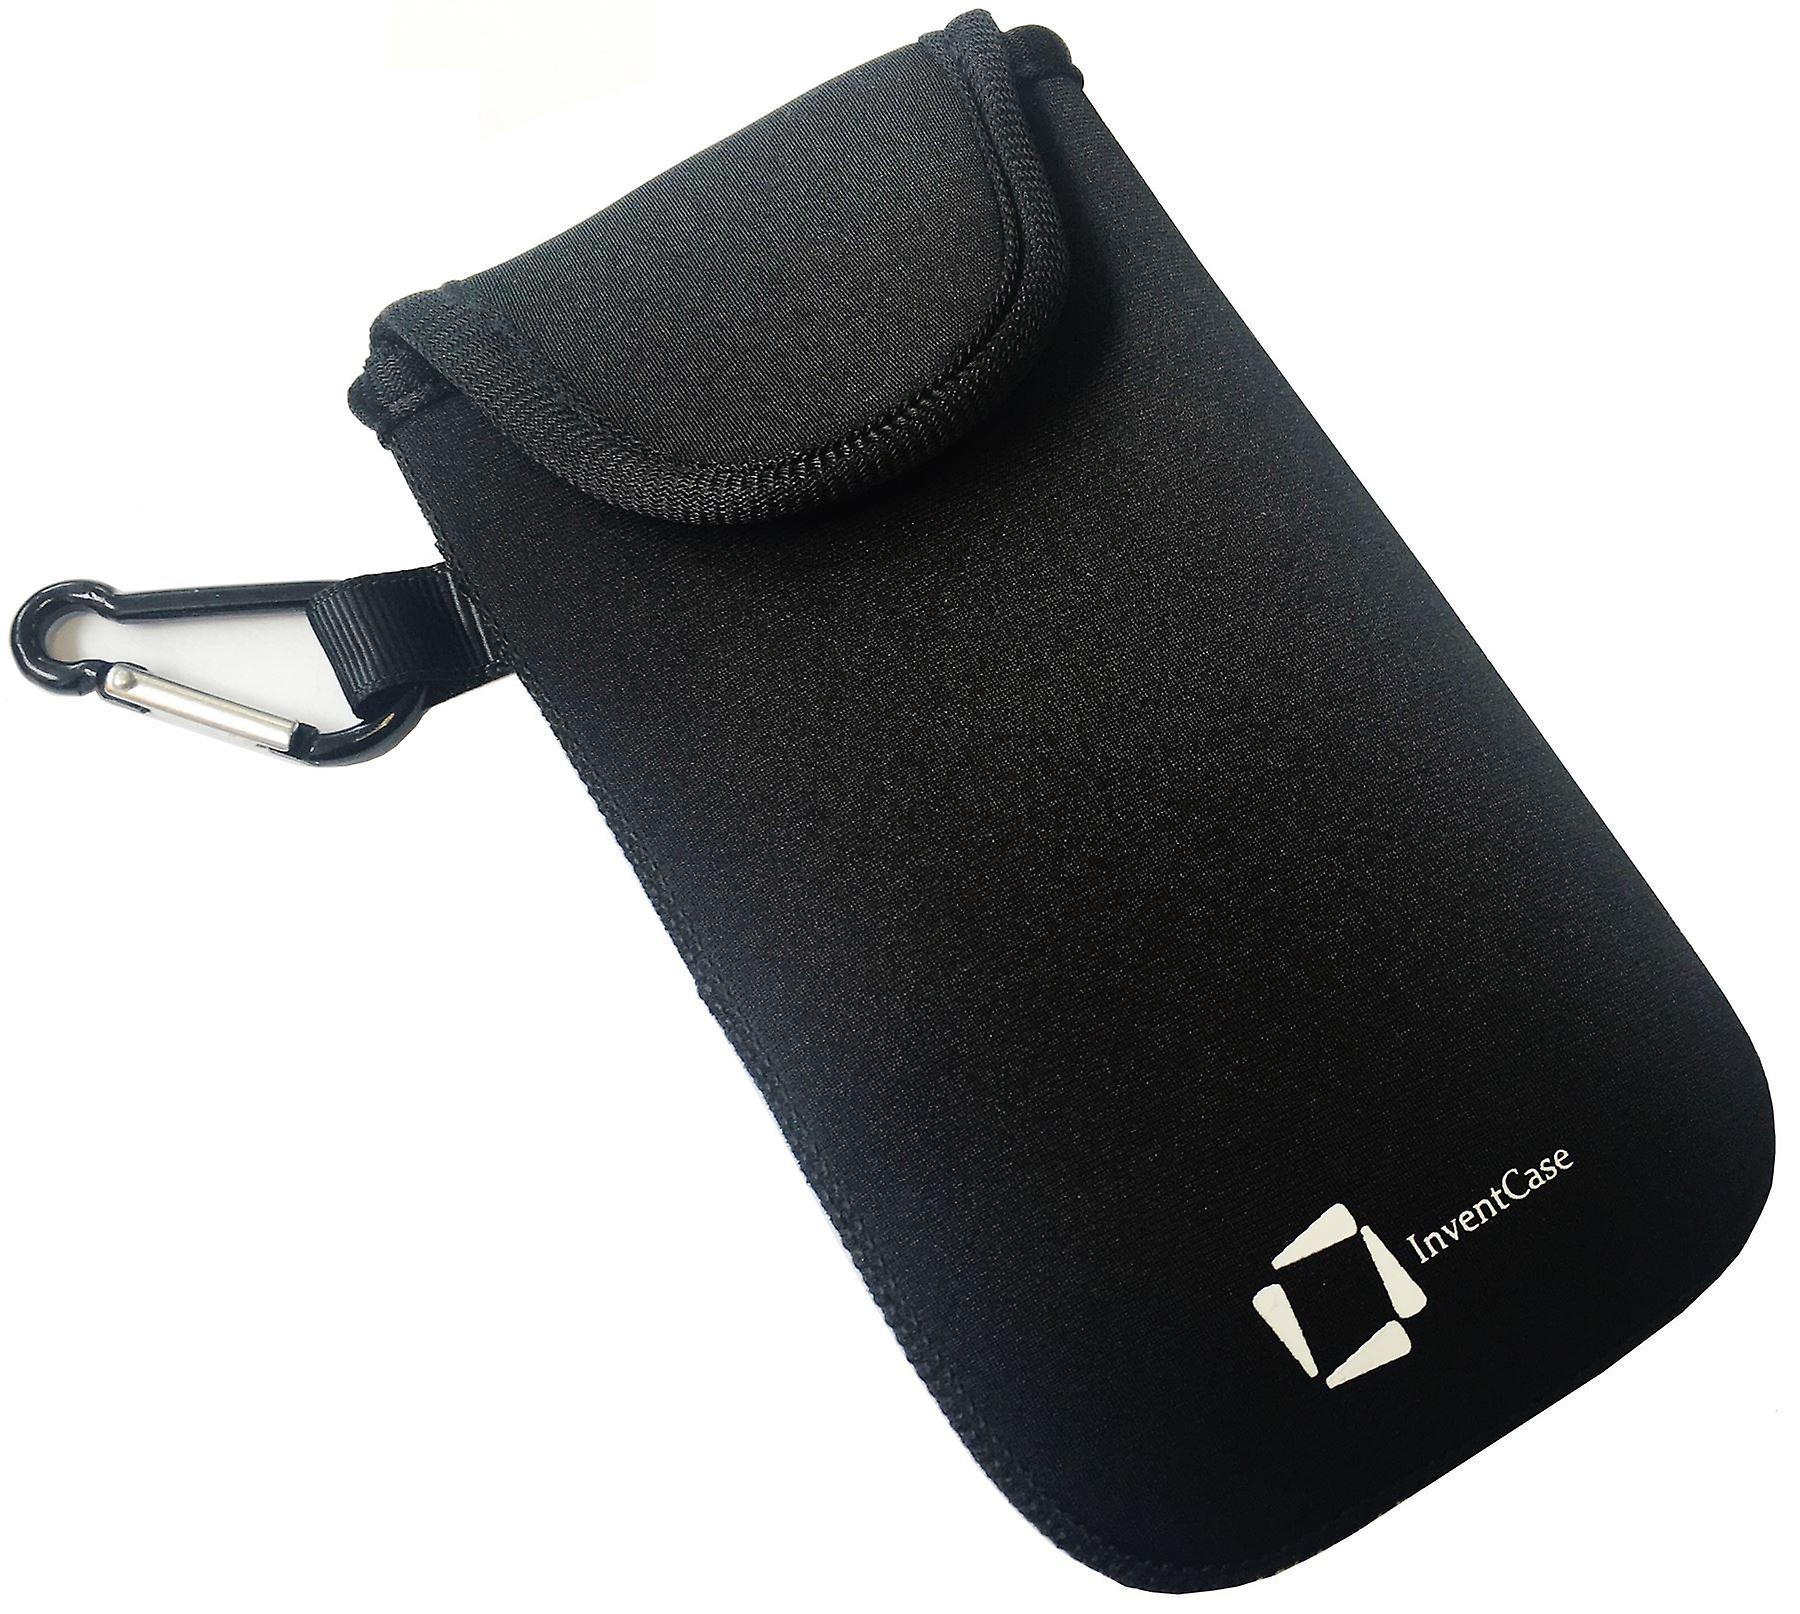 حقيبة تغطية القضية الحقيبة واقية مقاومة لتأثير النيوبرين إينفينتكاسي مع إغلاق Velcro و Carabiner الألومنيوم للفيديو نوكيا 625-أسود